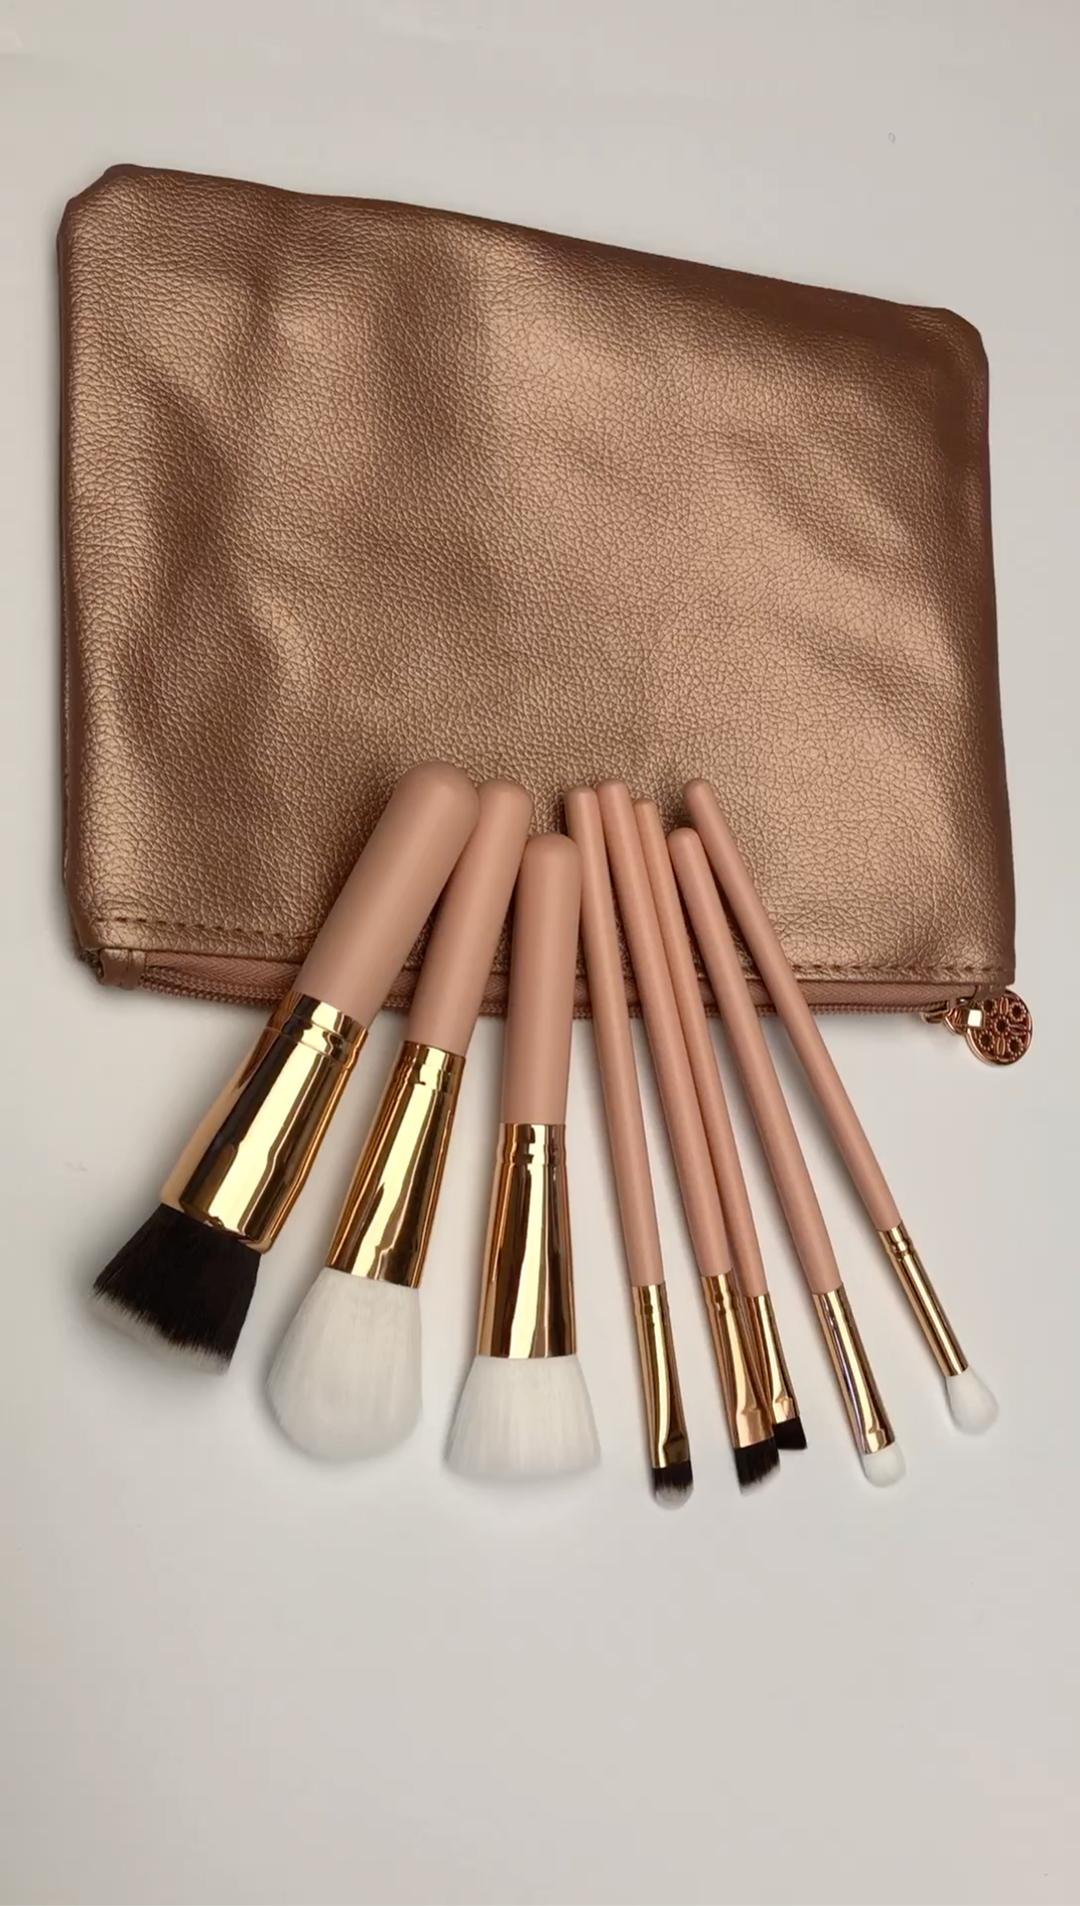 Professional 8pcs Faux Crystal Zircon Fiber Hair Makeup: 8pcs Professional Makeup Brush Set Kabuki Cosmetic